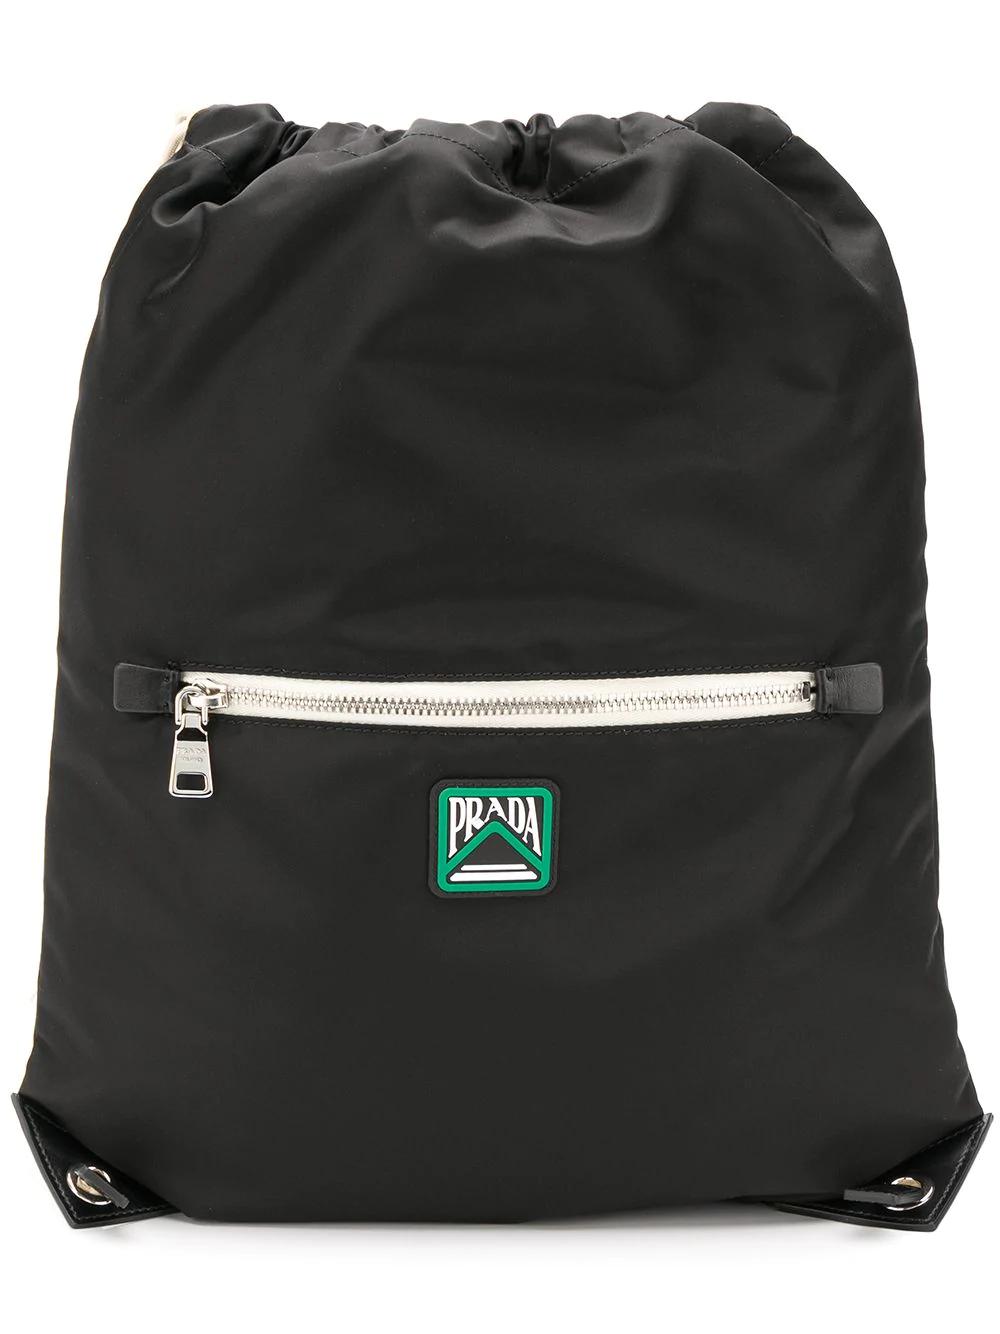 7974a523236e Prada Drawstring Backpack - Black | ModeSens